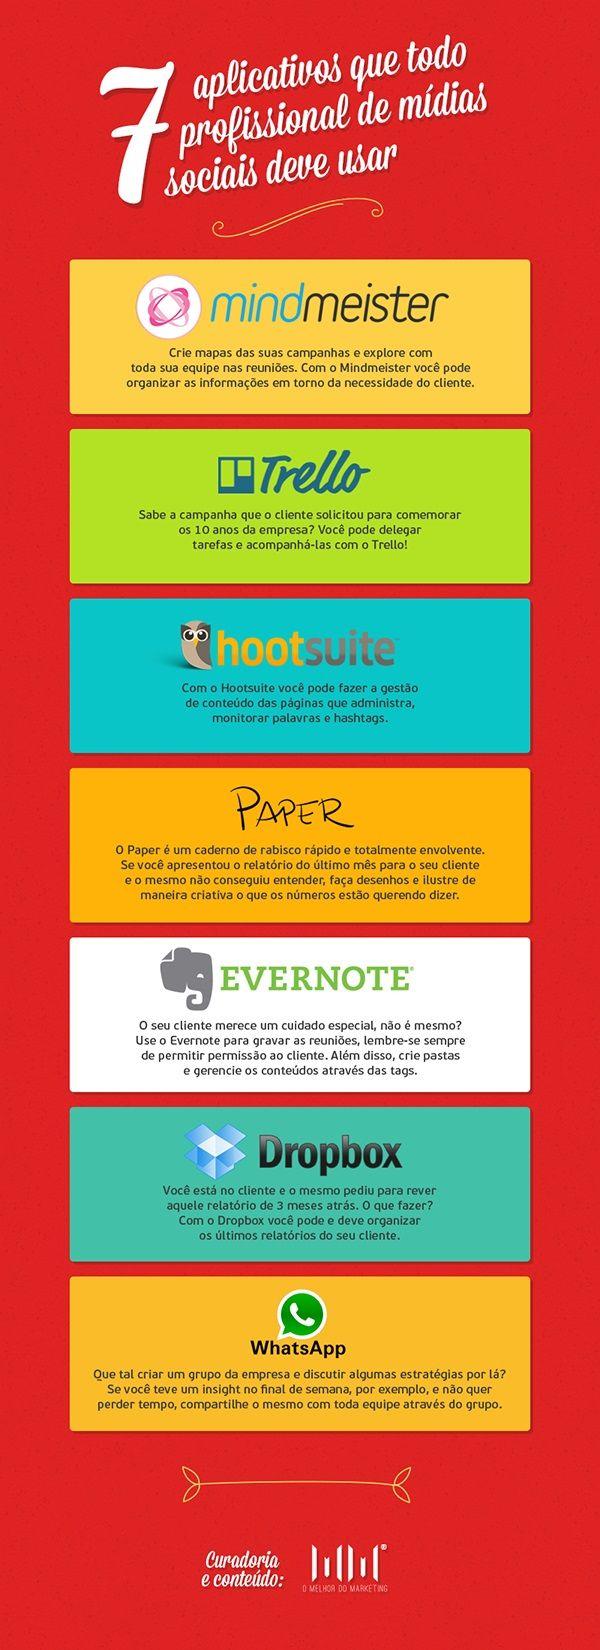 7 aplicativos que todo profissional de social media deve conhecer - http://marketinggoogle.com.br/2014/02/25/7-aplicativos-que-todo-profissional-de-social-media-deve-conhecer/